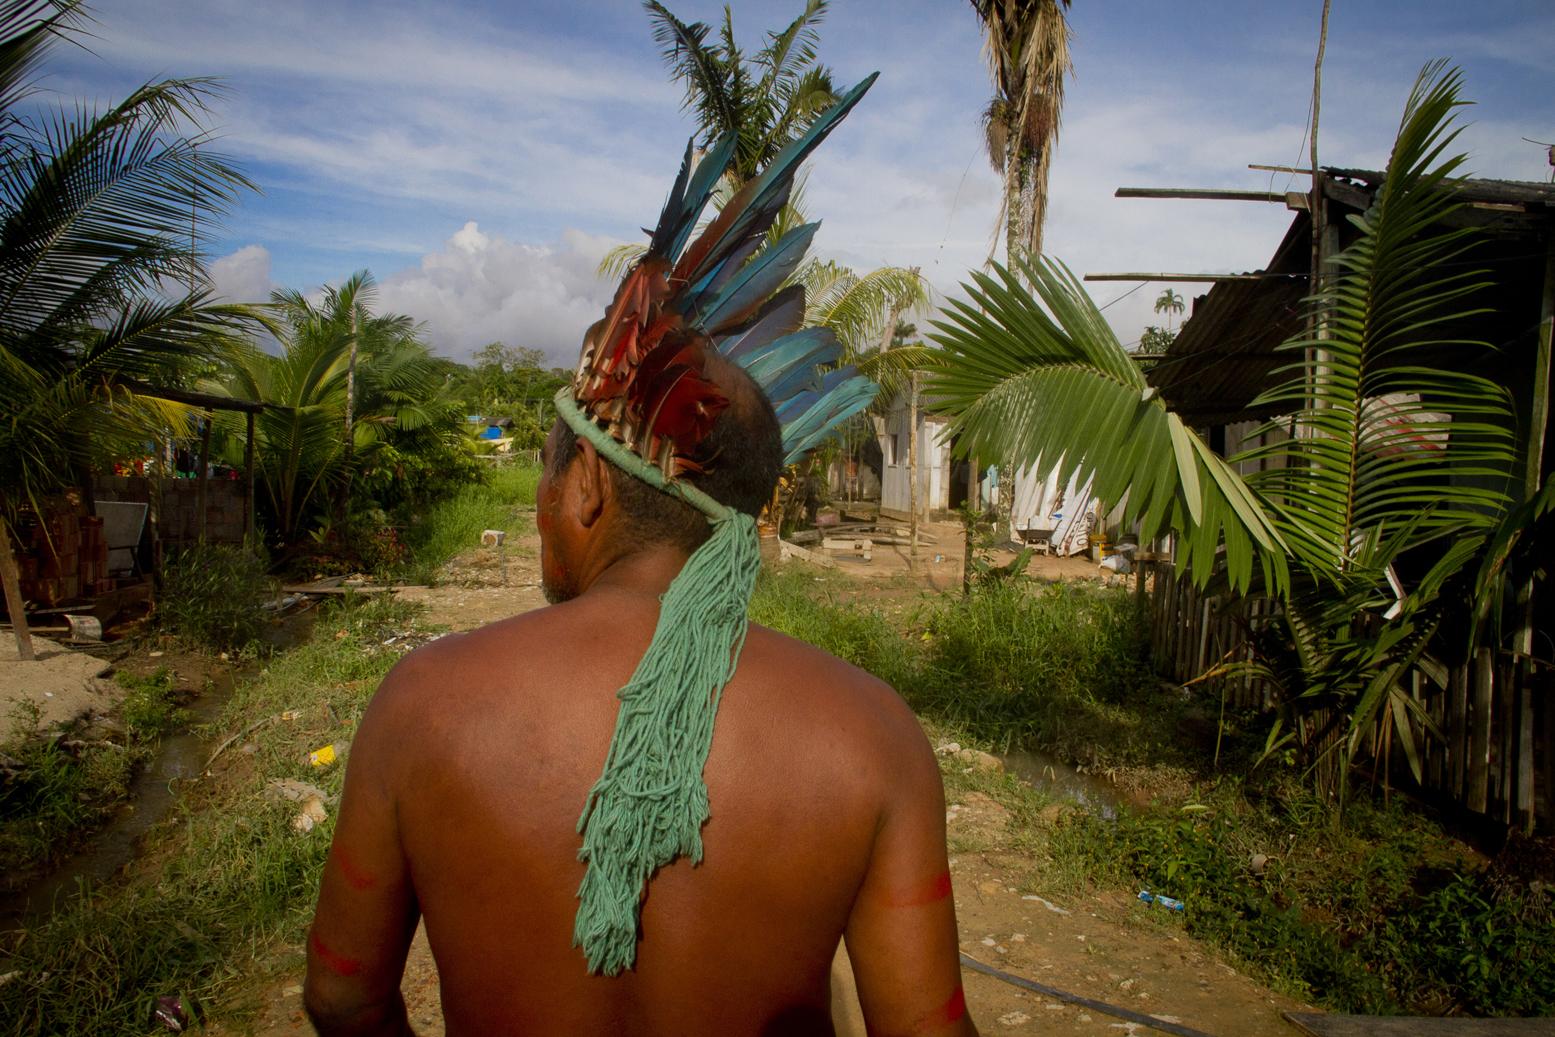 Procurador Geral diz que somente o Estado pode contestar ocupação de área verde por indígenas em Manaus